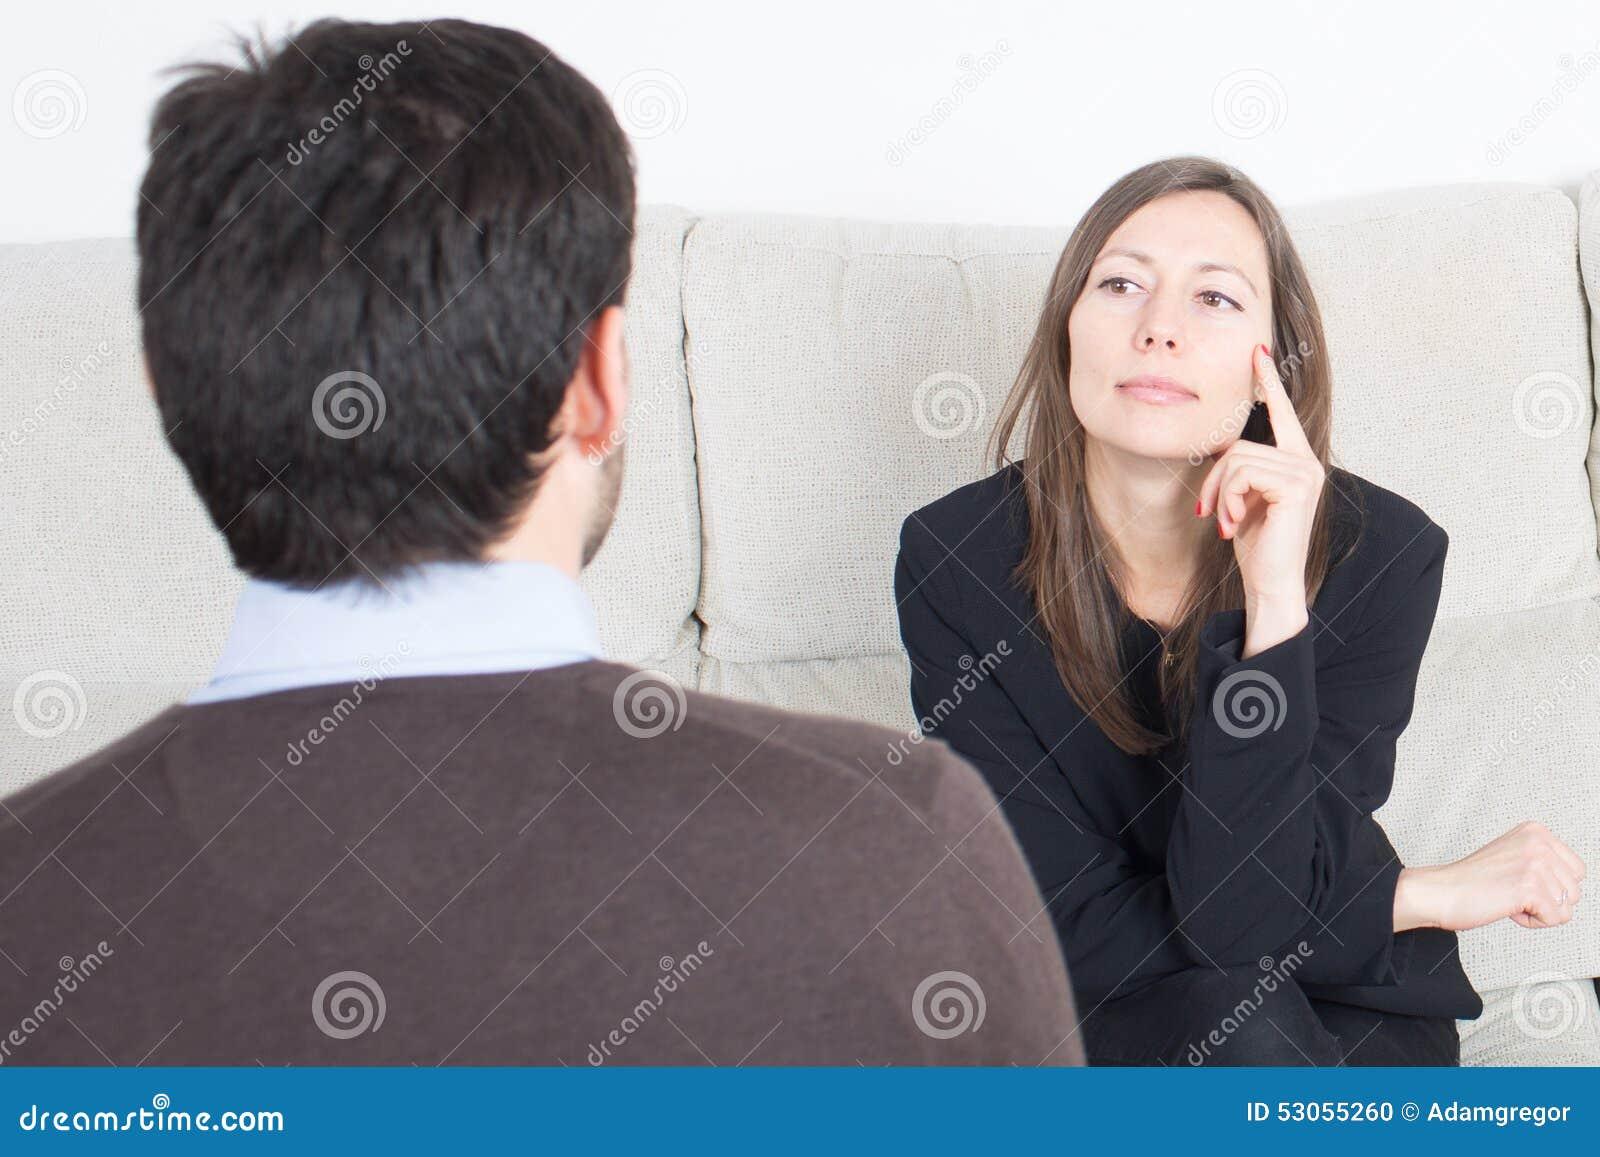 Man during psychoanalysis